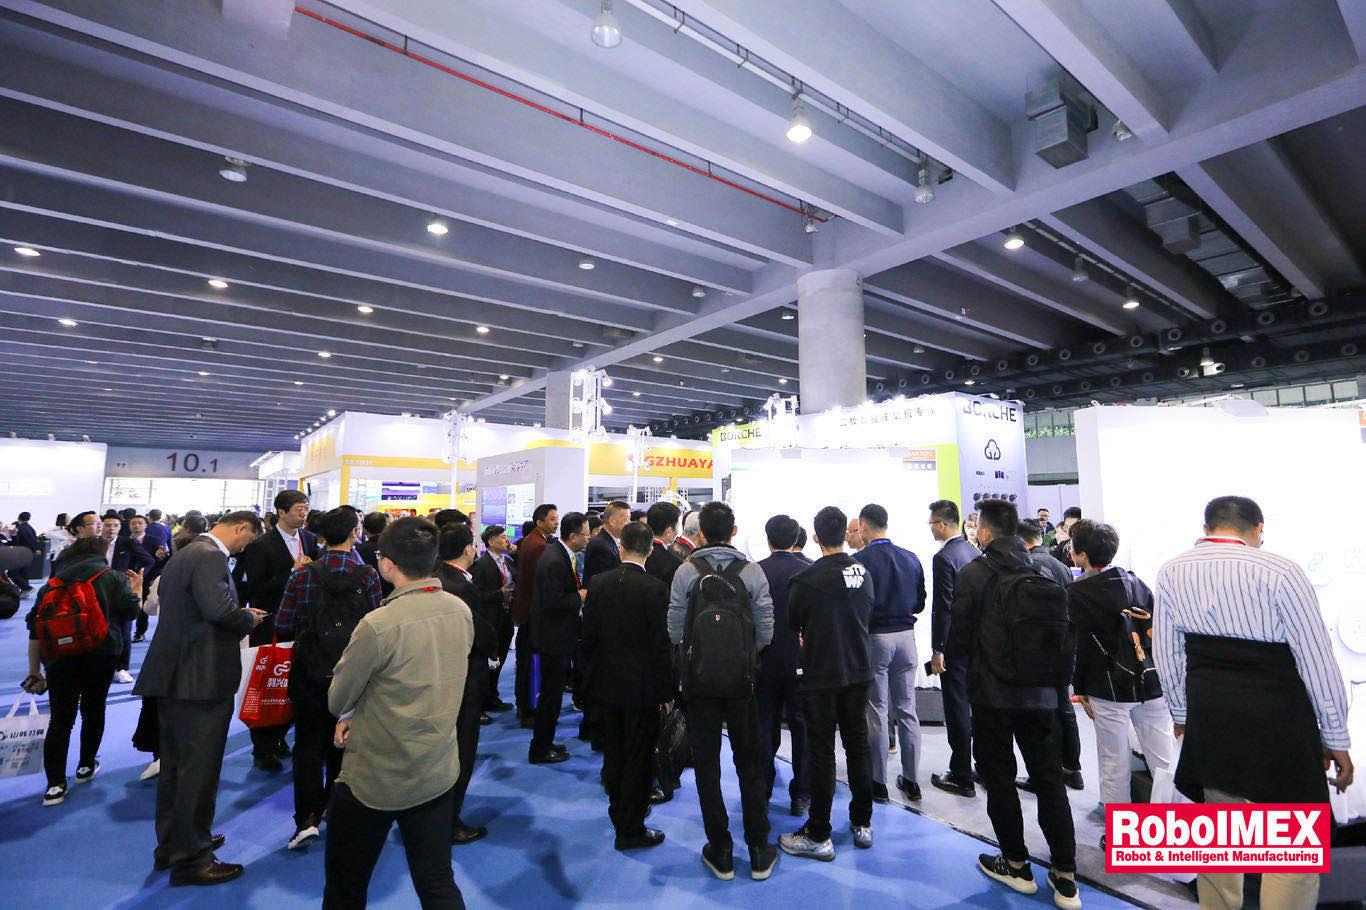 广州汽车装备公司_其它汽车保养用品及设备相关-北京国机联创广告有限公司